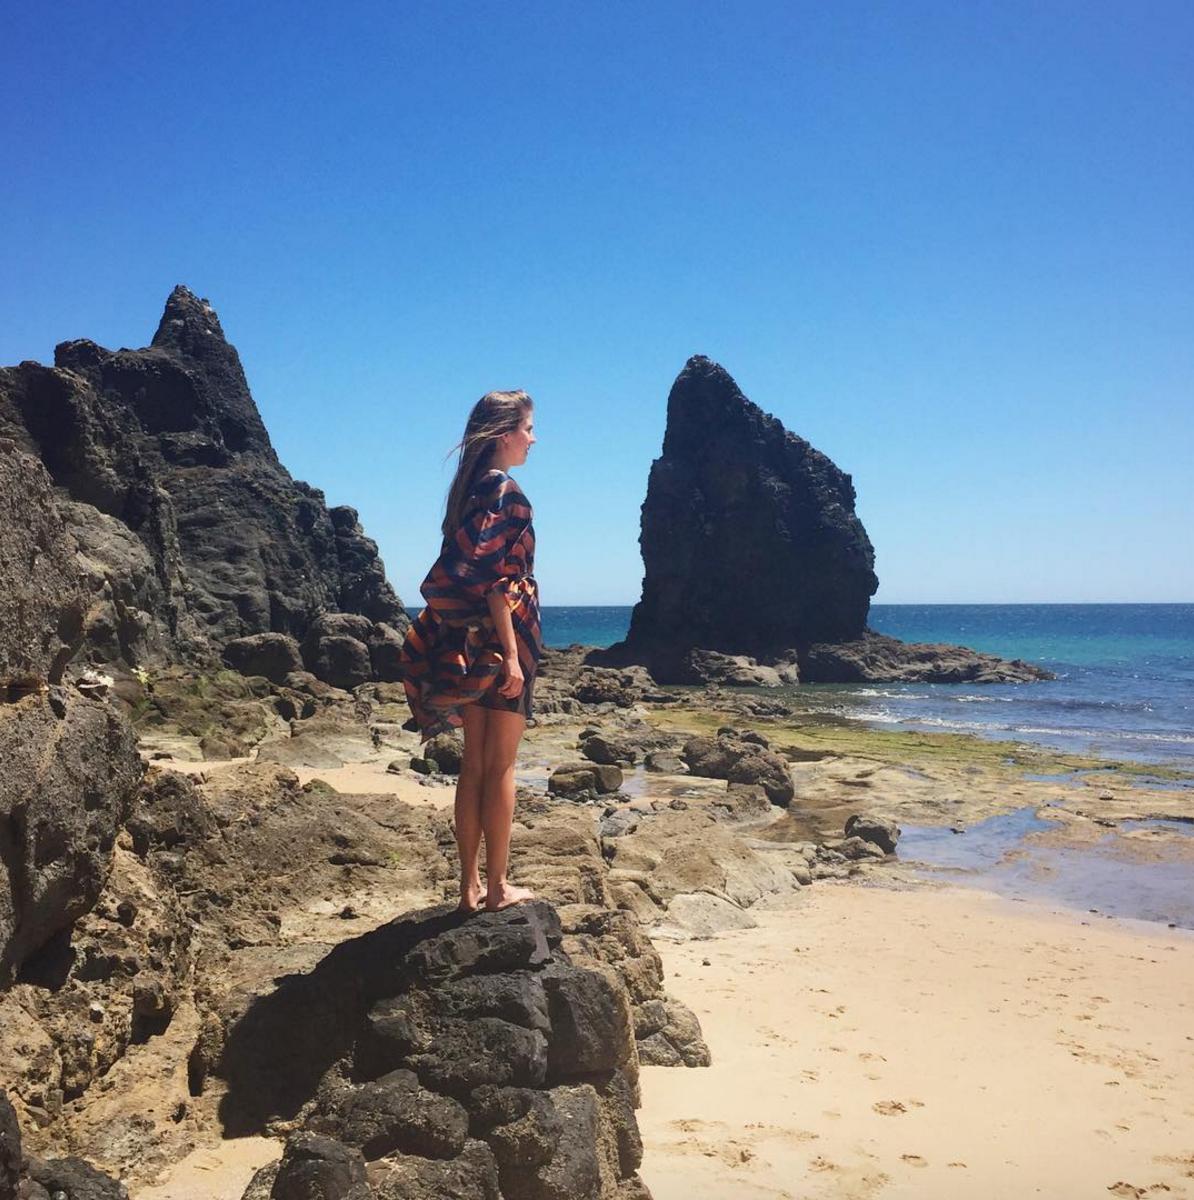 • sea sage sights: on the rocks in the sunset kaftan - praia da luz •